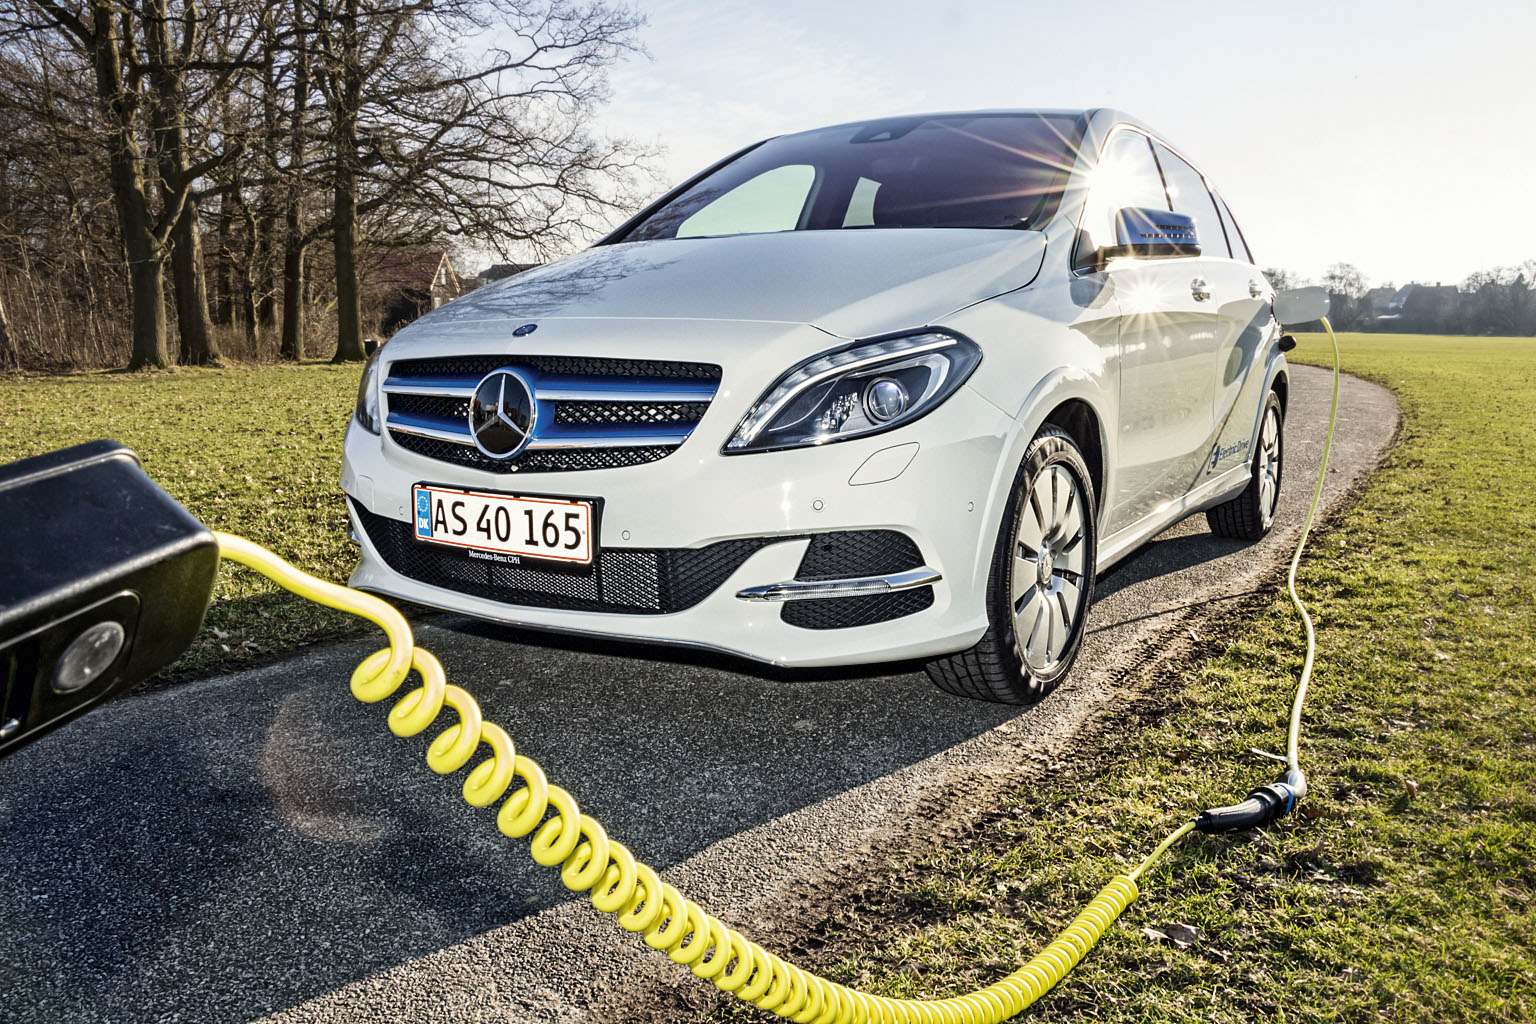 Elbiler som den nye Kia Soul EV, Mercedes B-klasse og Tesla skal købes inden nytår | Bilmagasinet.dk